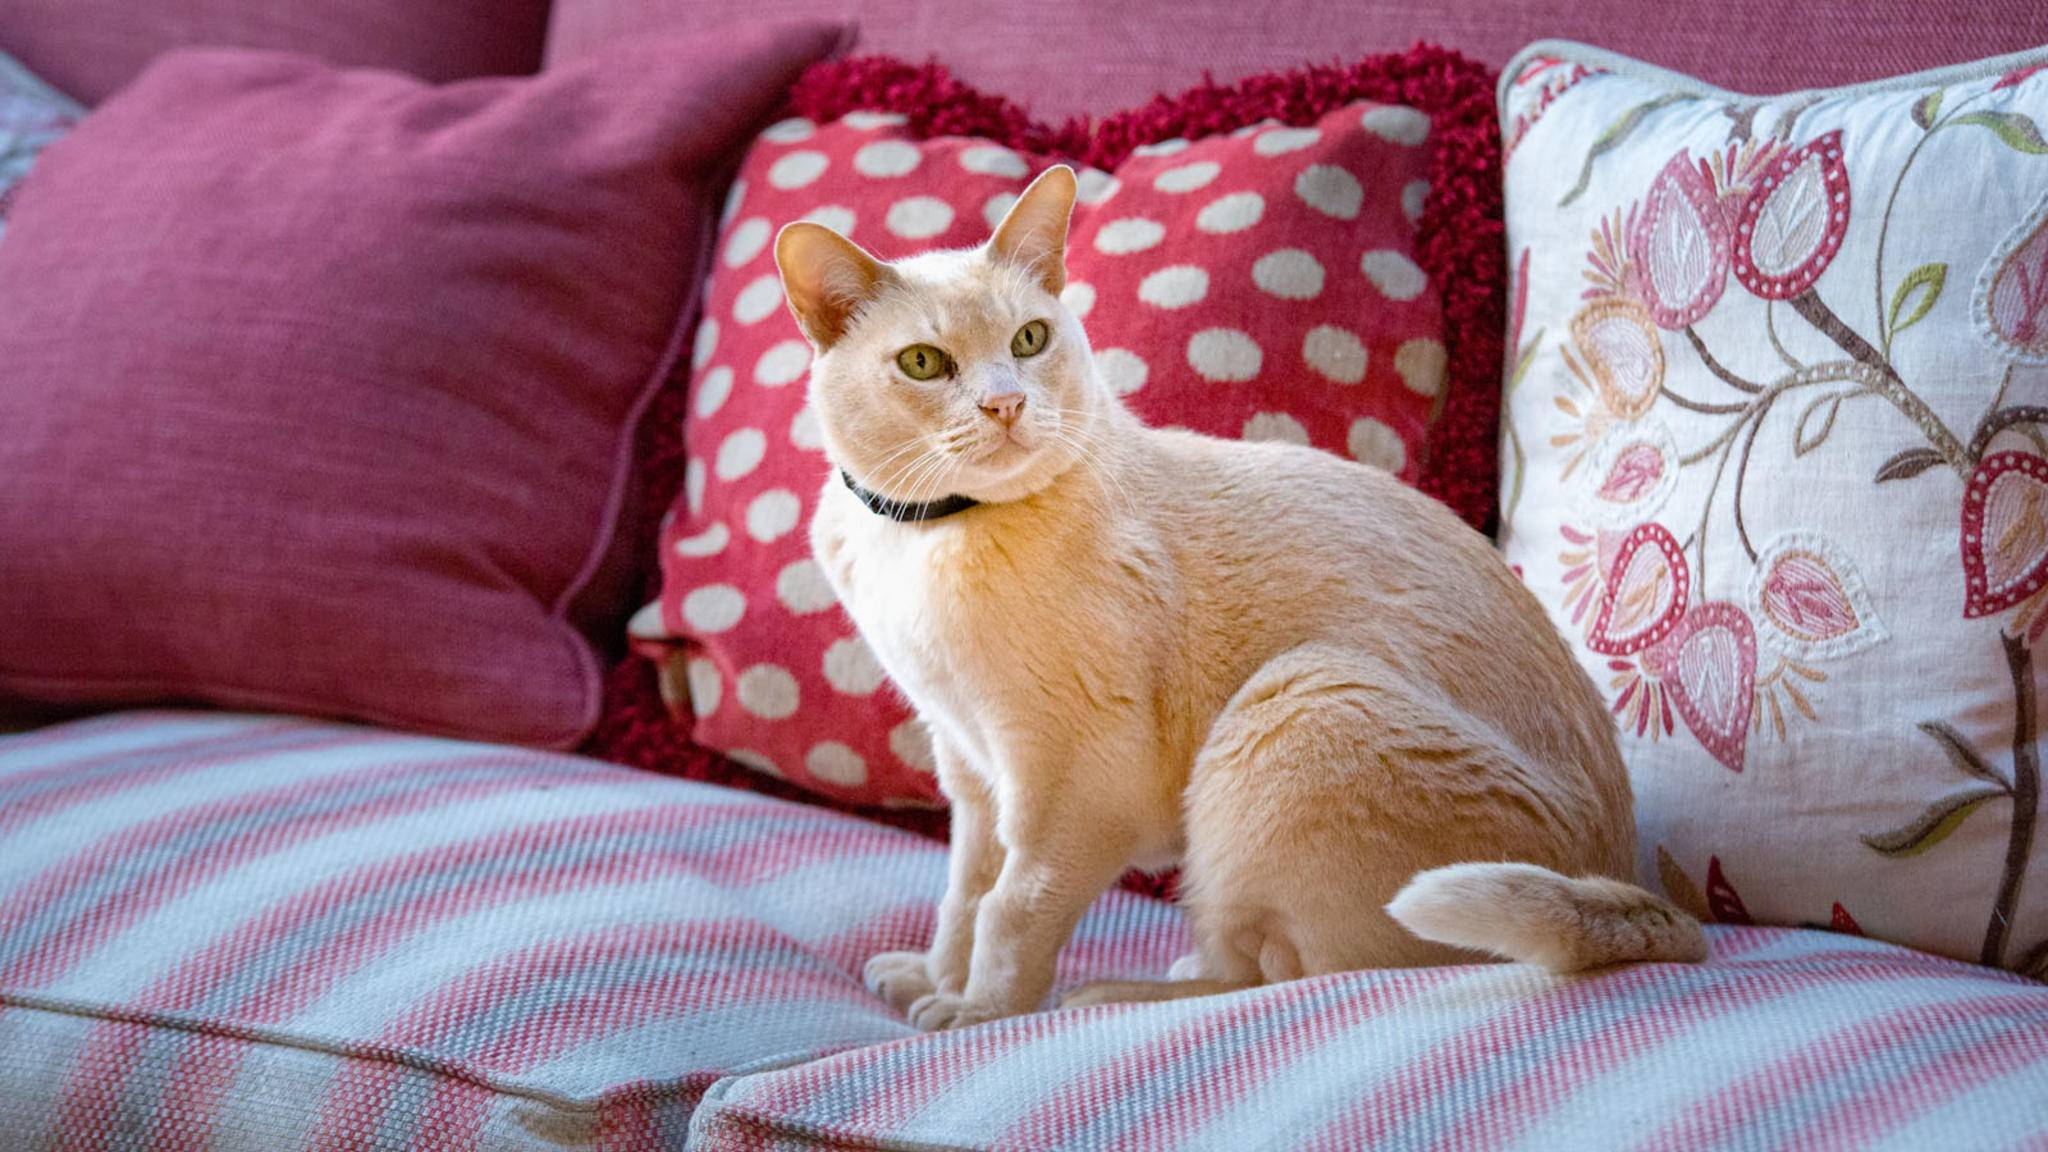 Immer, wenn Deine Katze mal nicht so gemütlich auf dem Sofa unterwegs ist, können GPS-Tracker praktische Hilfe leisten.